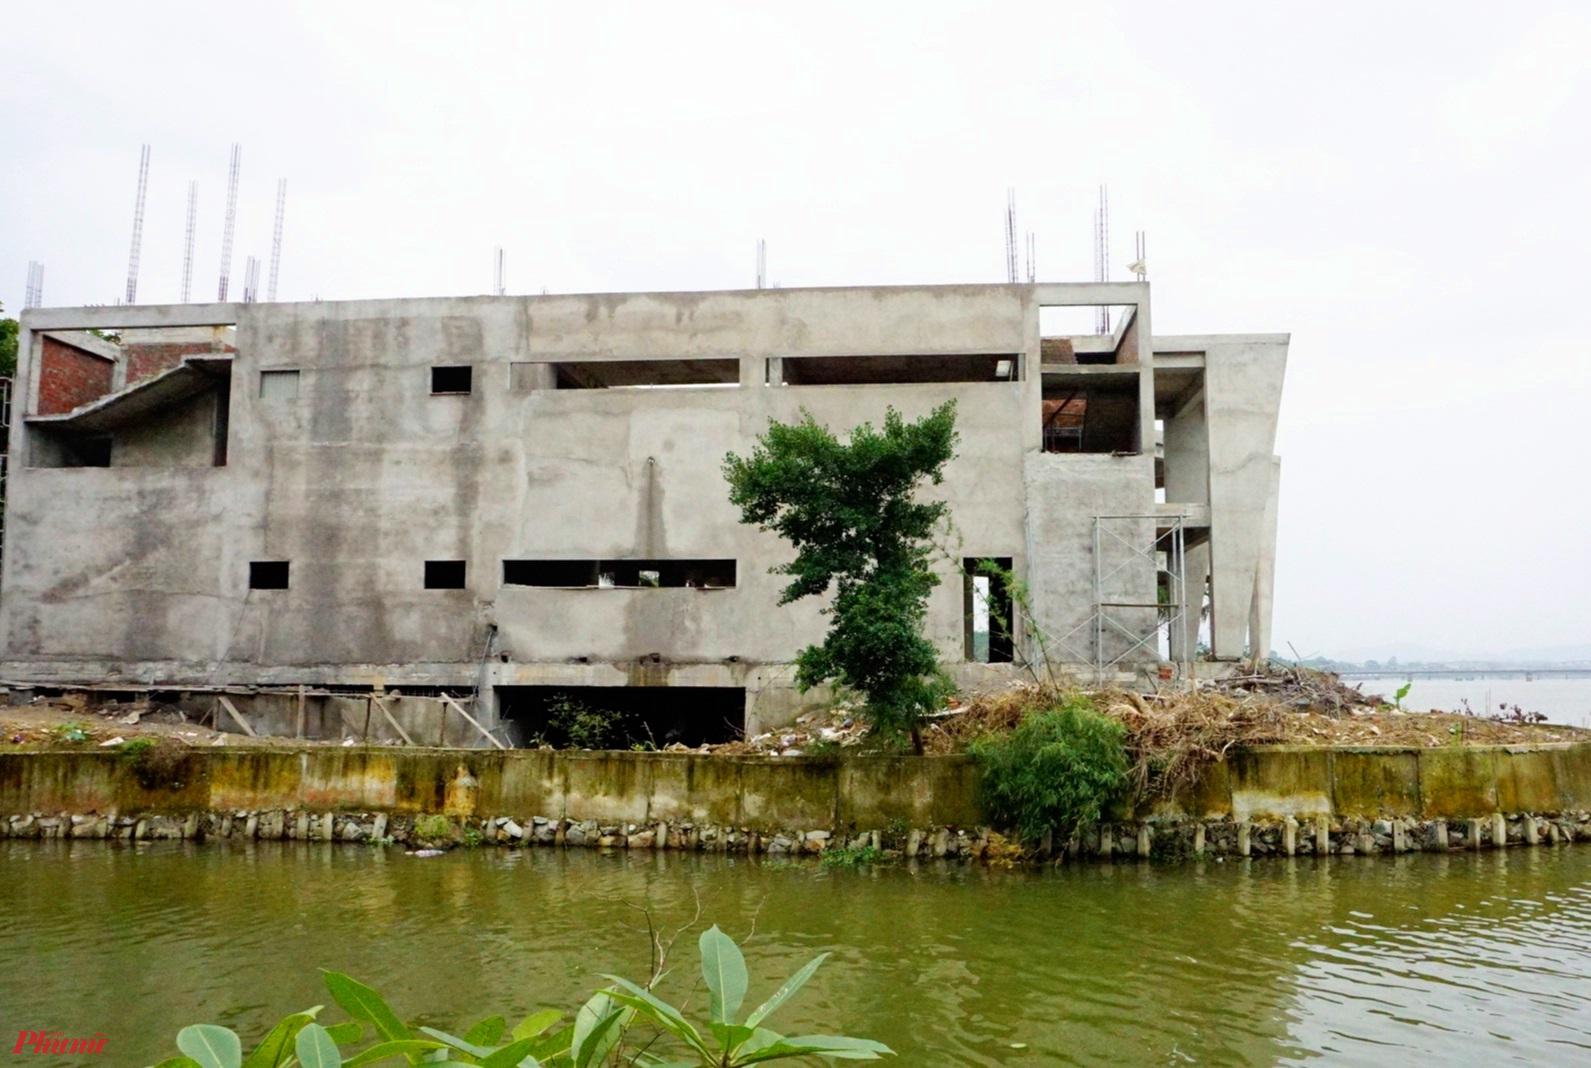 Người dân xứ Huế hoài nghi vì sao 'khối bê tông' này vi phạm cảnh quang đôi bờ sông Hương lâu năm nhưng chưa được tháo gỡ